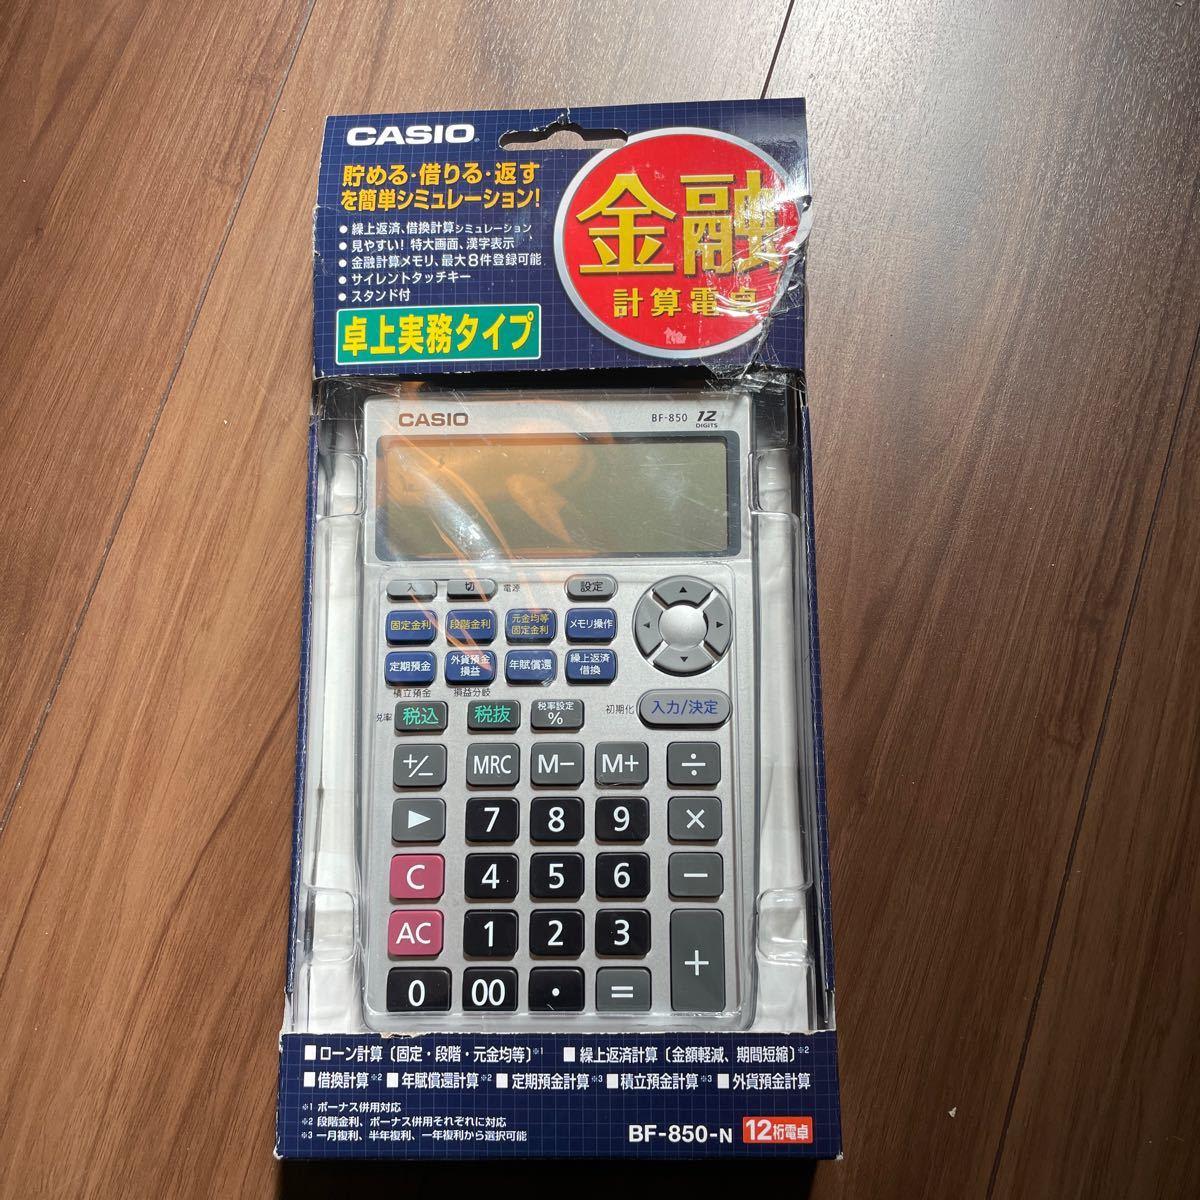 カシオ ☆ 金融電卓 BF-850 金融計算電卓 BF850N